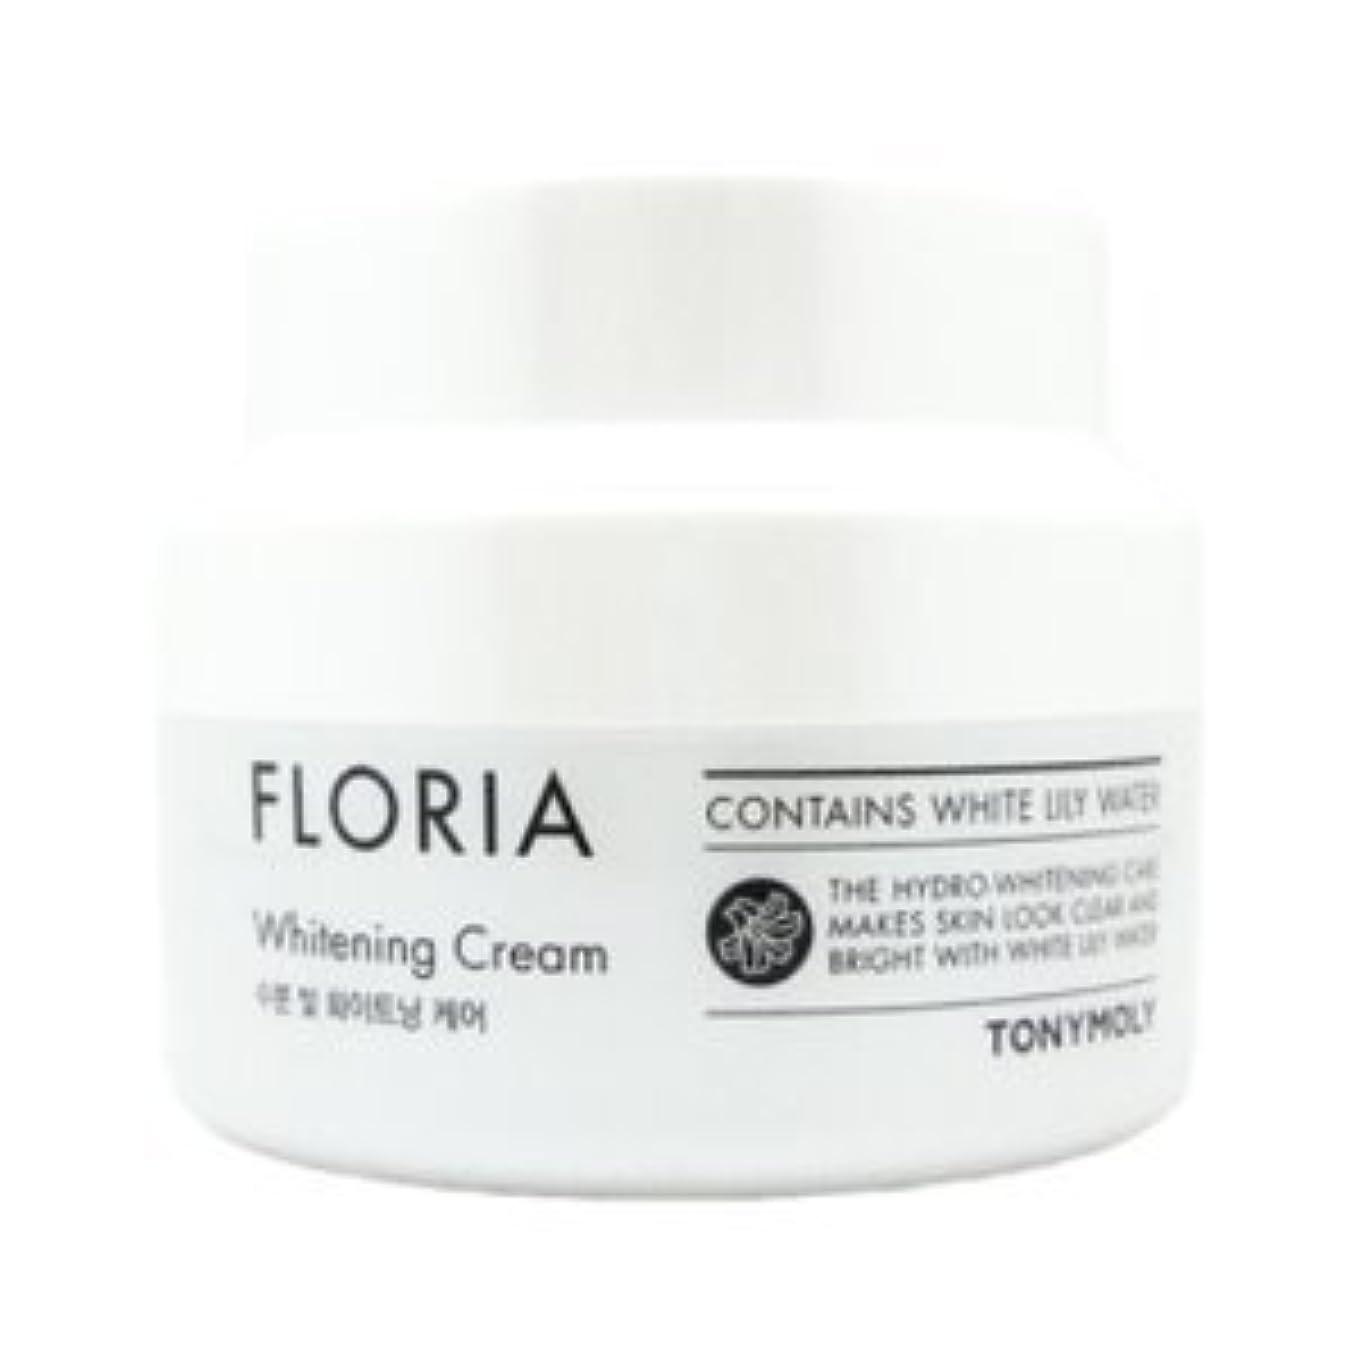 主に破壊的な公TONYMOLY Floria Whitening Cream 60ml/トニーモリー フロリア ホワイトニング クリーム 60ml [並行輸入品]